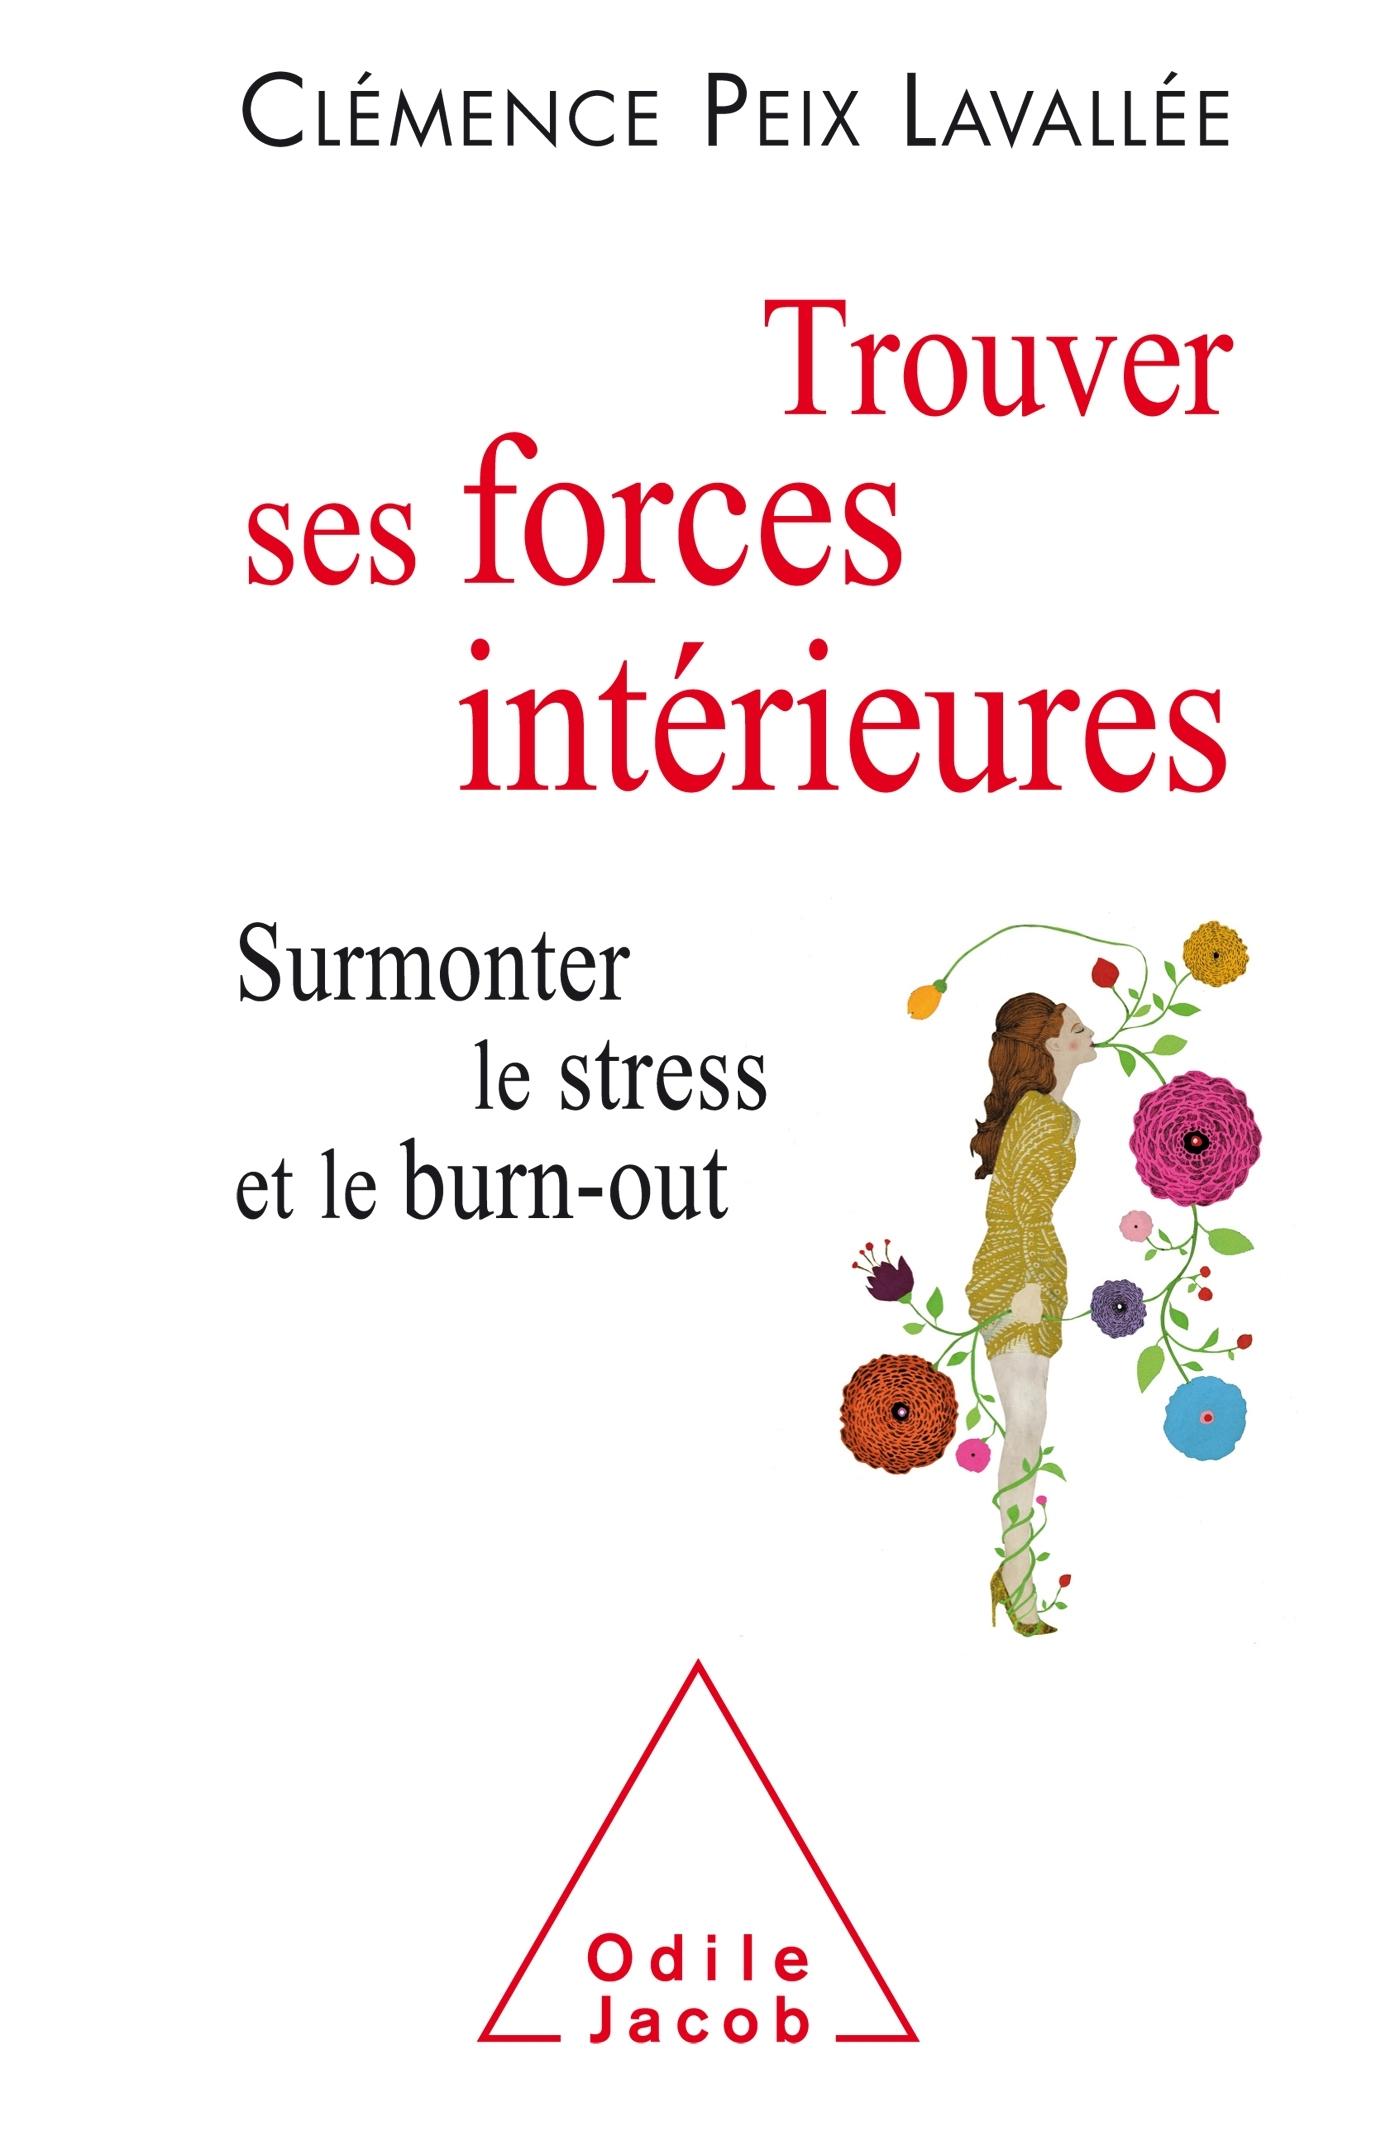 TROUVER SES FORCES INTERIEURES - SURMONTER LE STRESS ET LE BURN-OUT